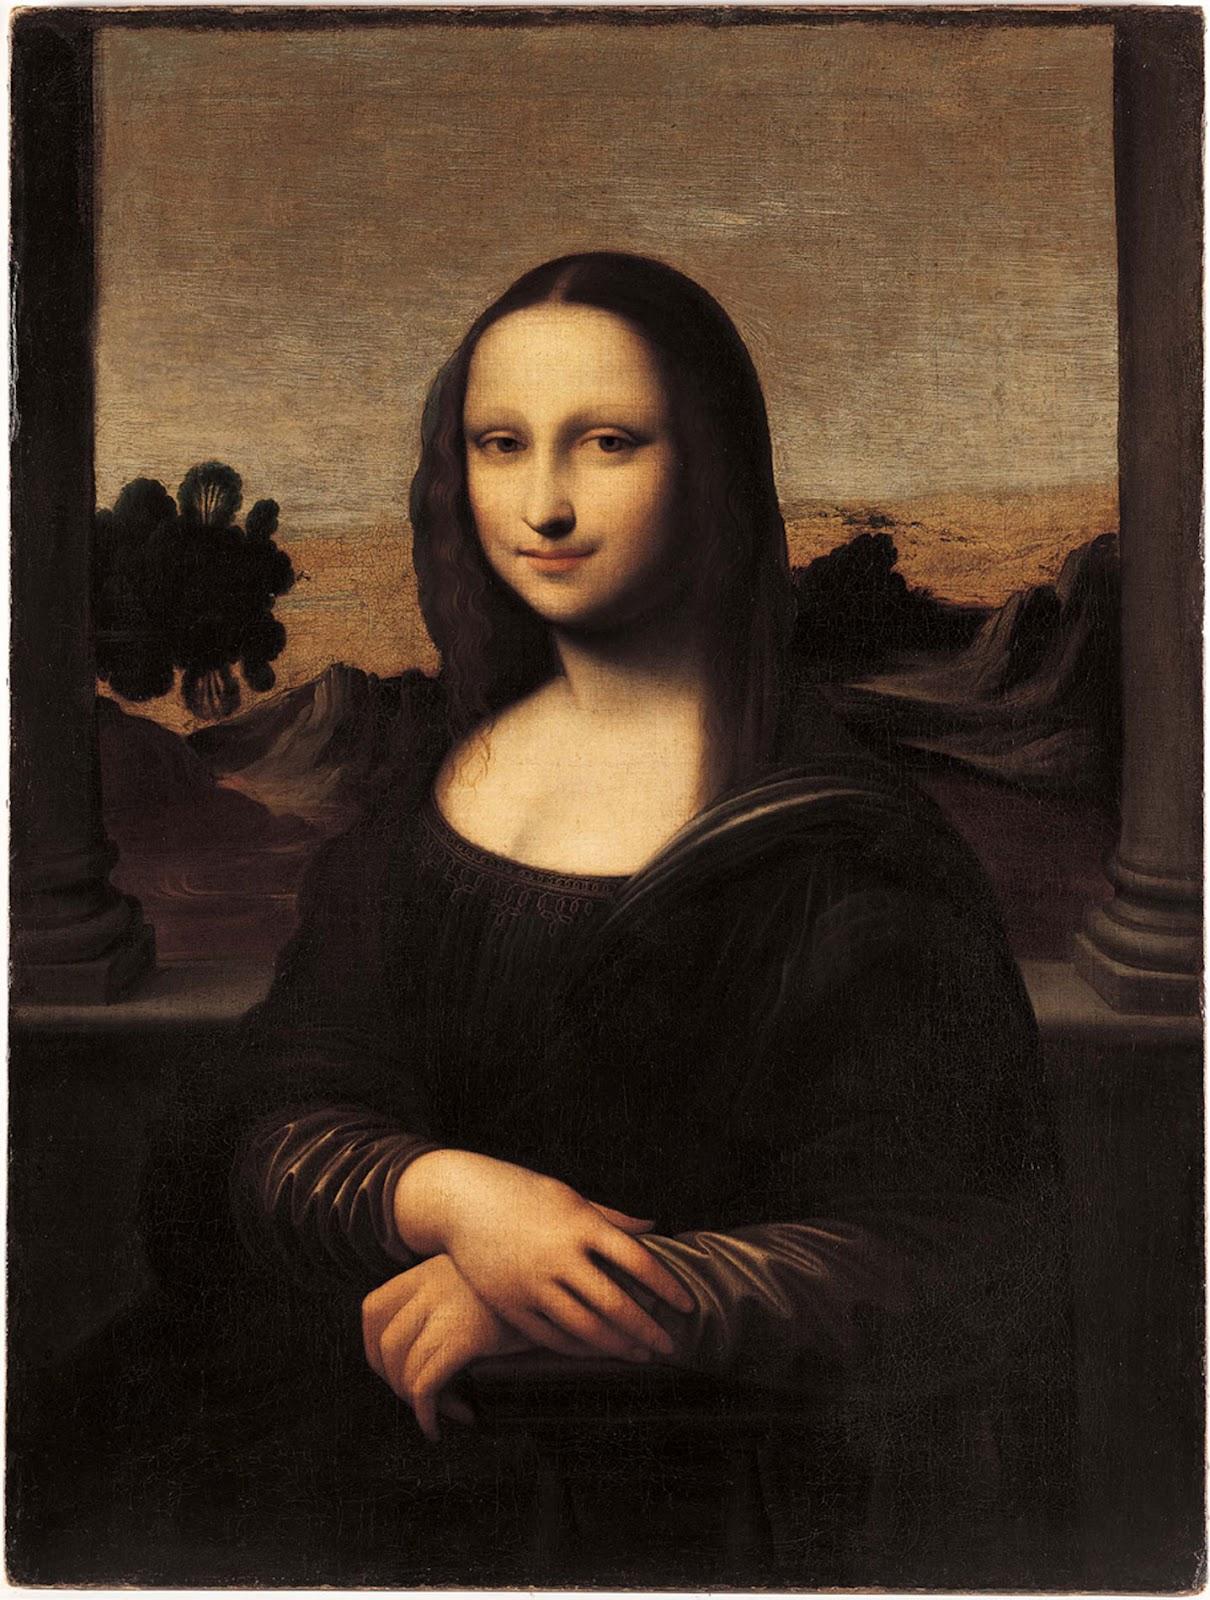 Mona Lisa d'Isleworth